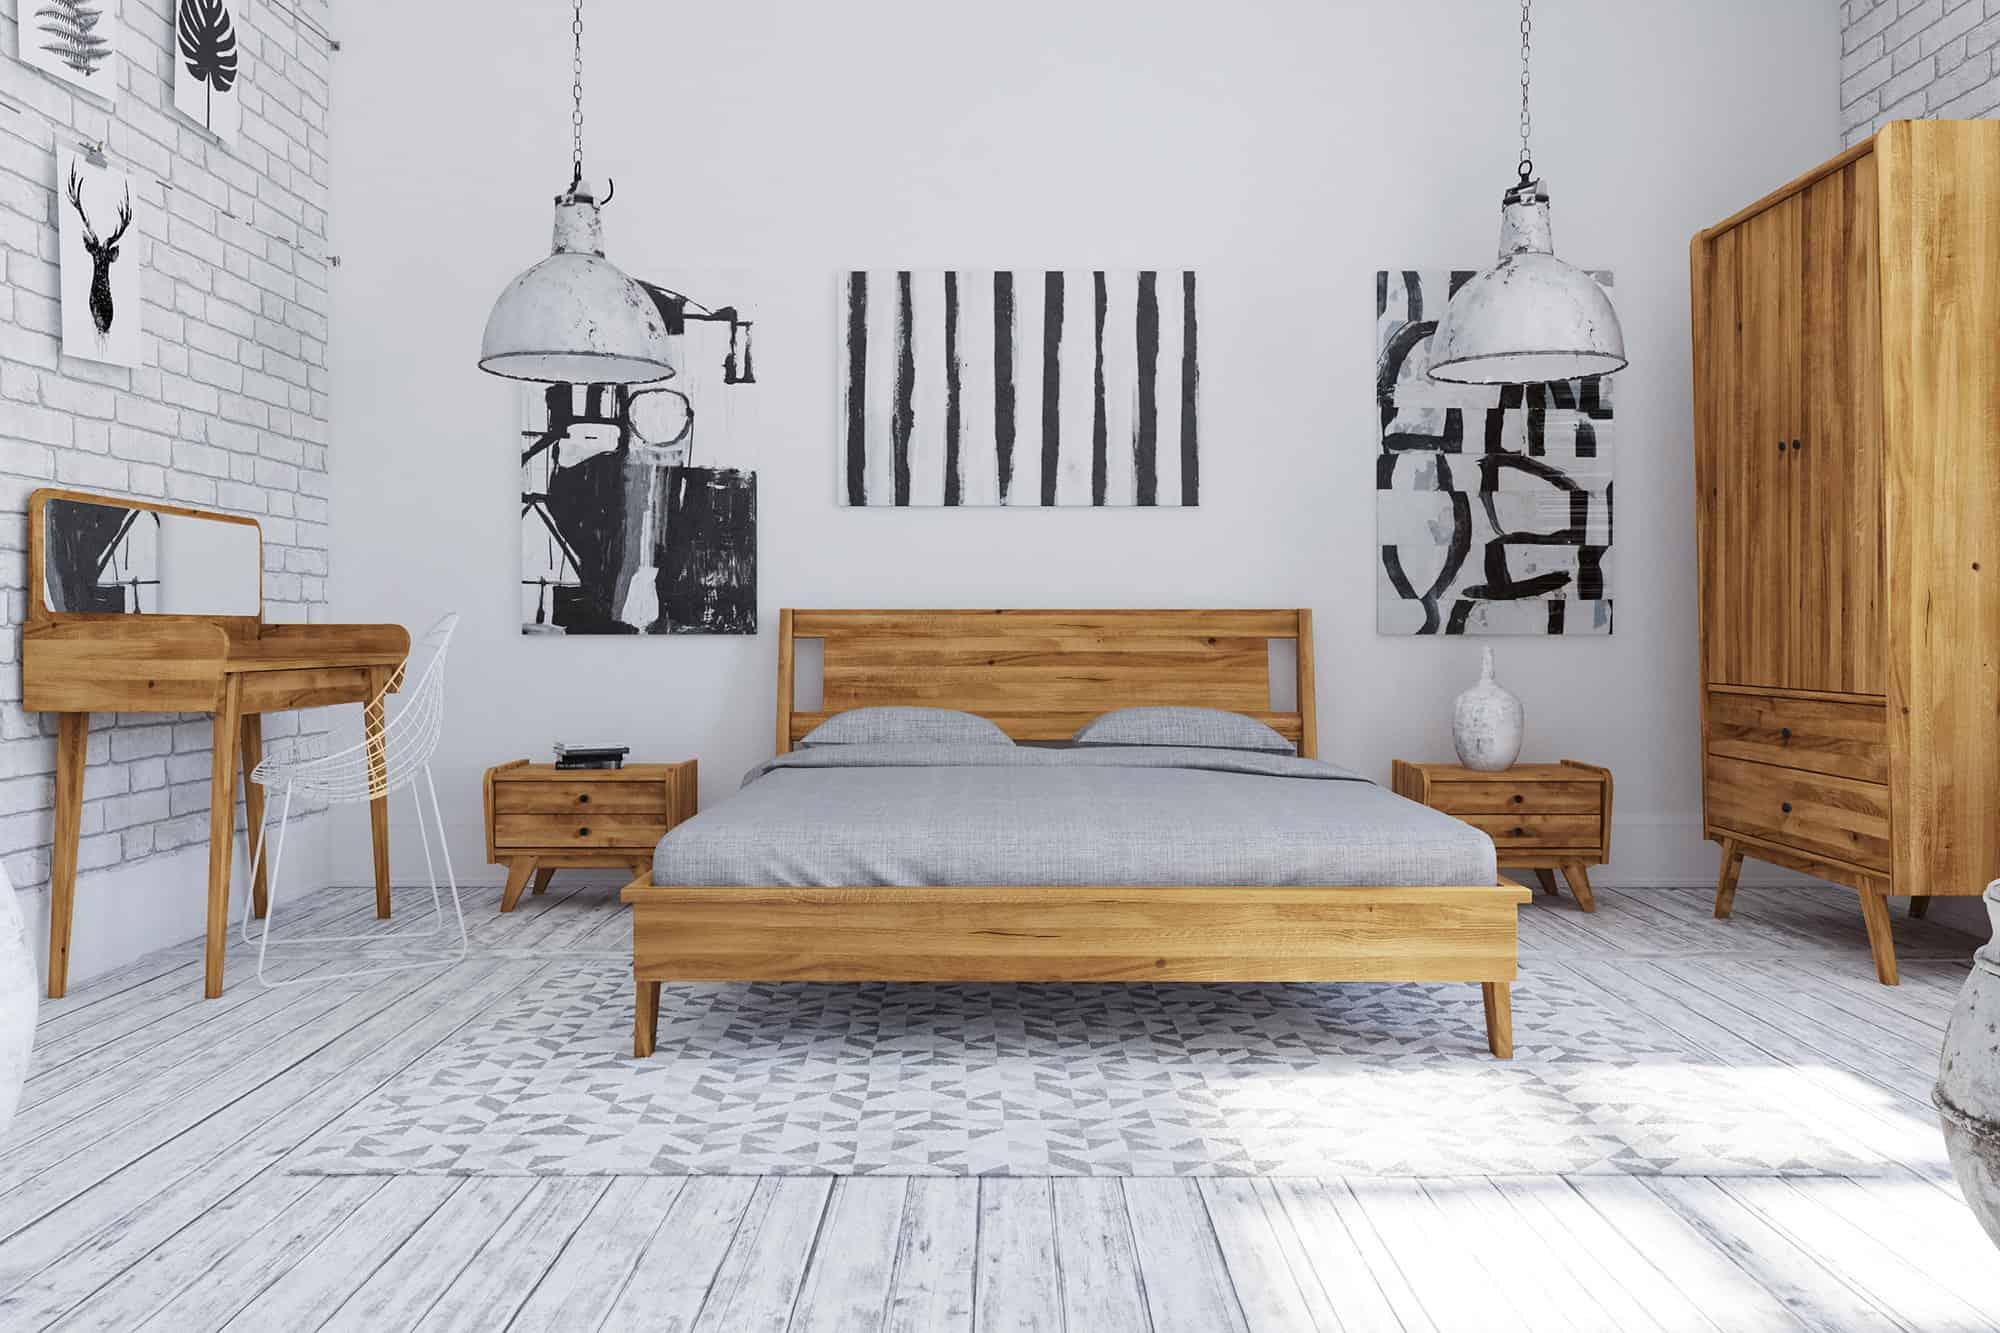 Zdjęcie 8 - RETRO - Kolekcja mebli do sypialni z drewna litego